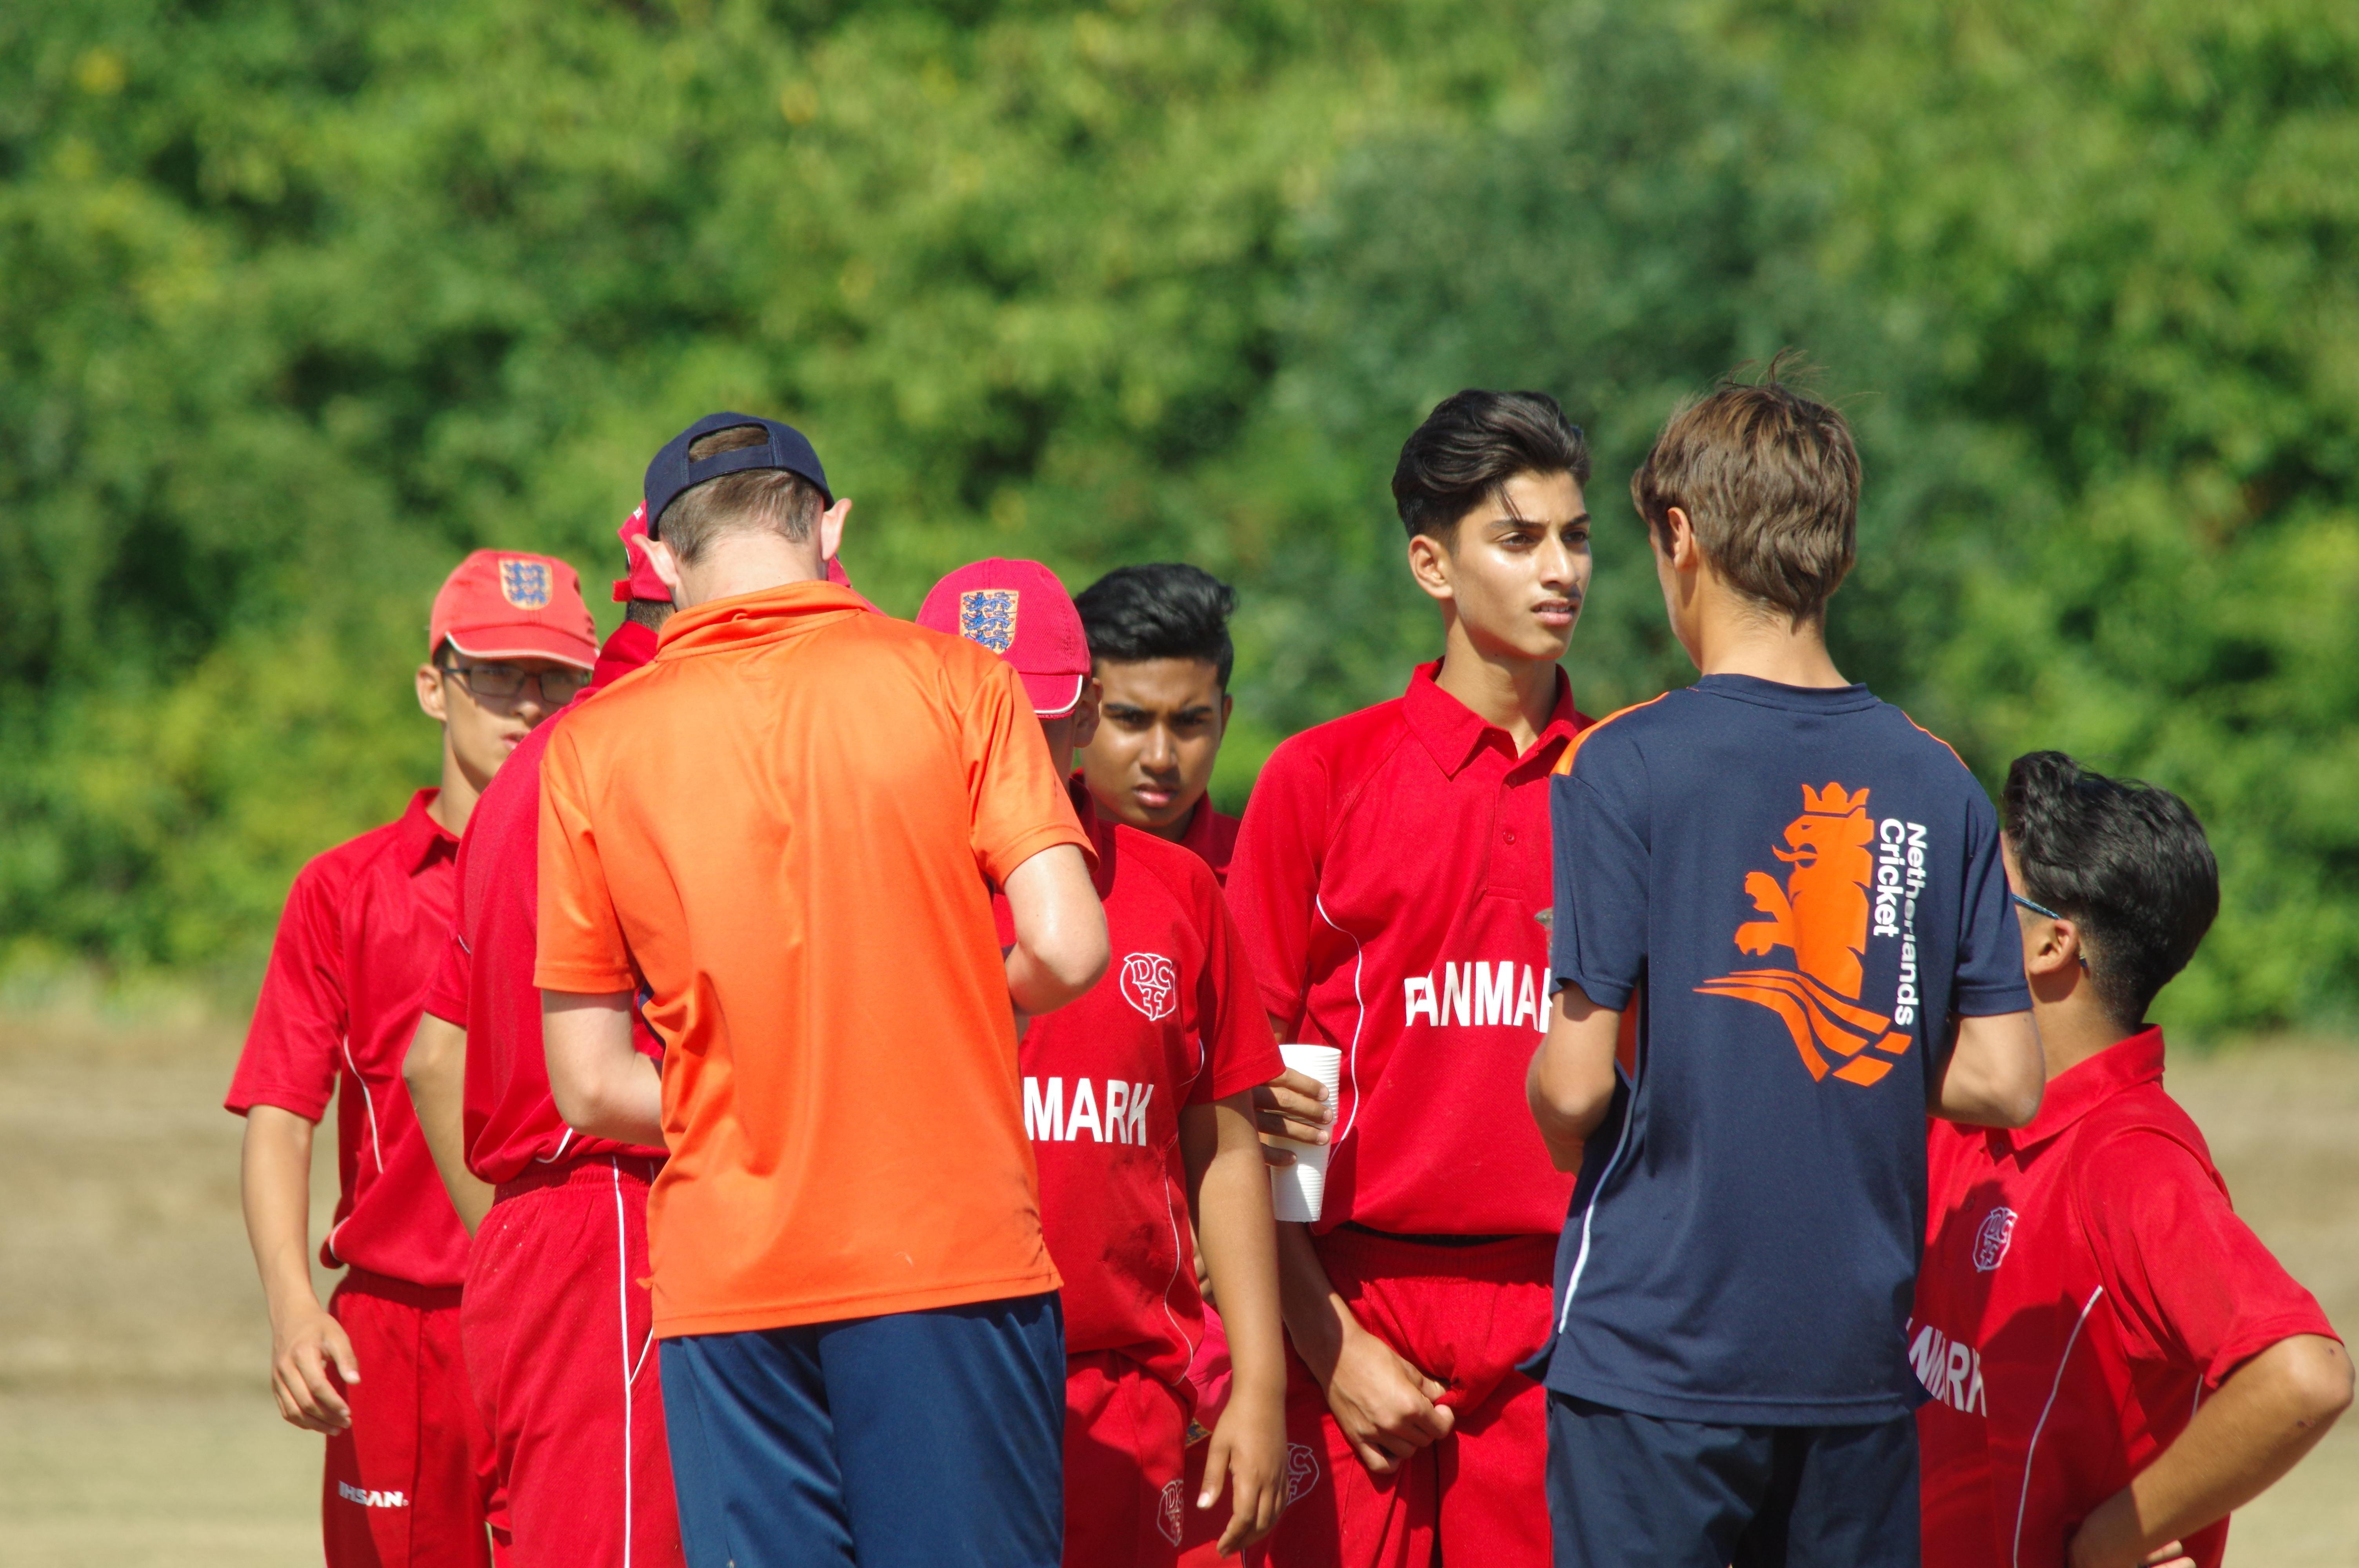 Det danske U.15.landshold rejste sig efter de lidt dårlige kampe 3